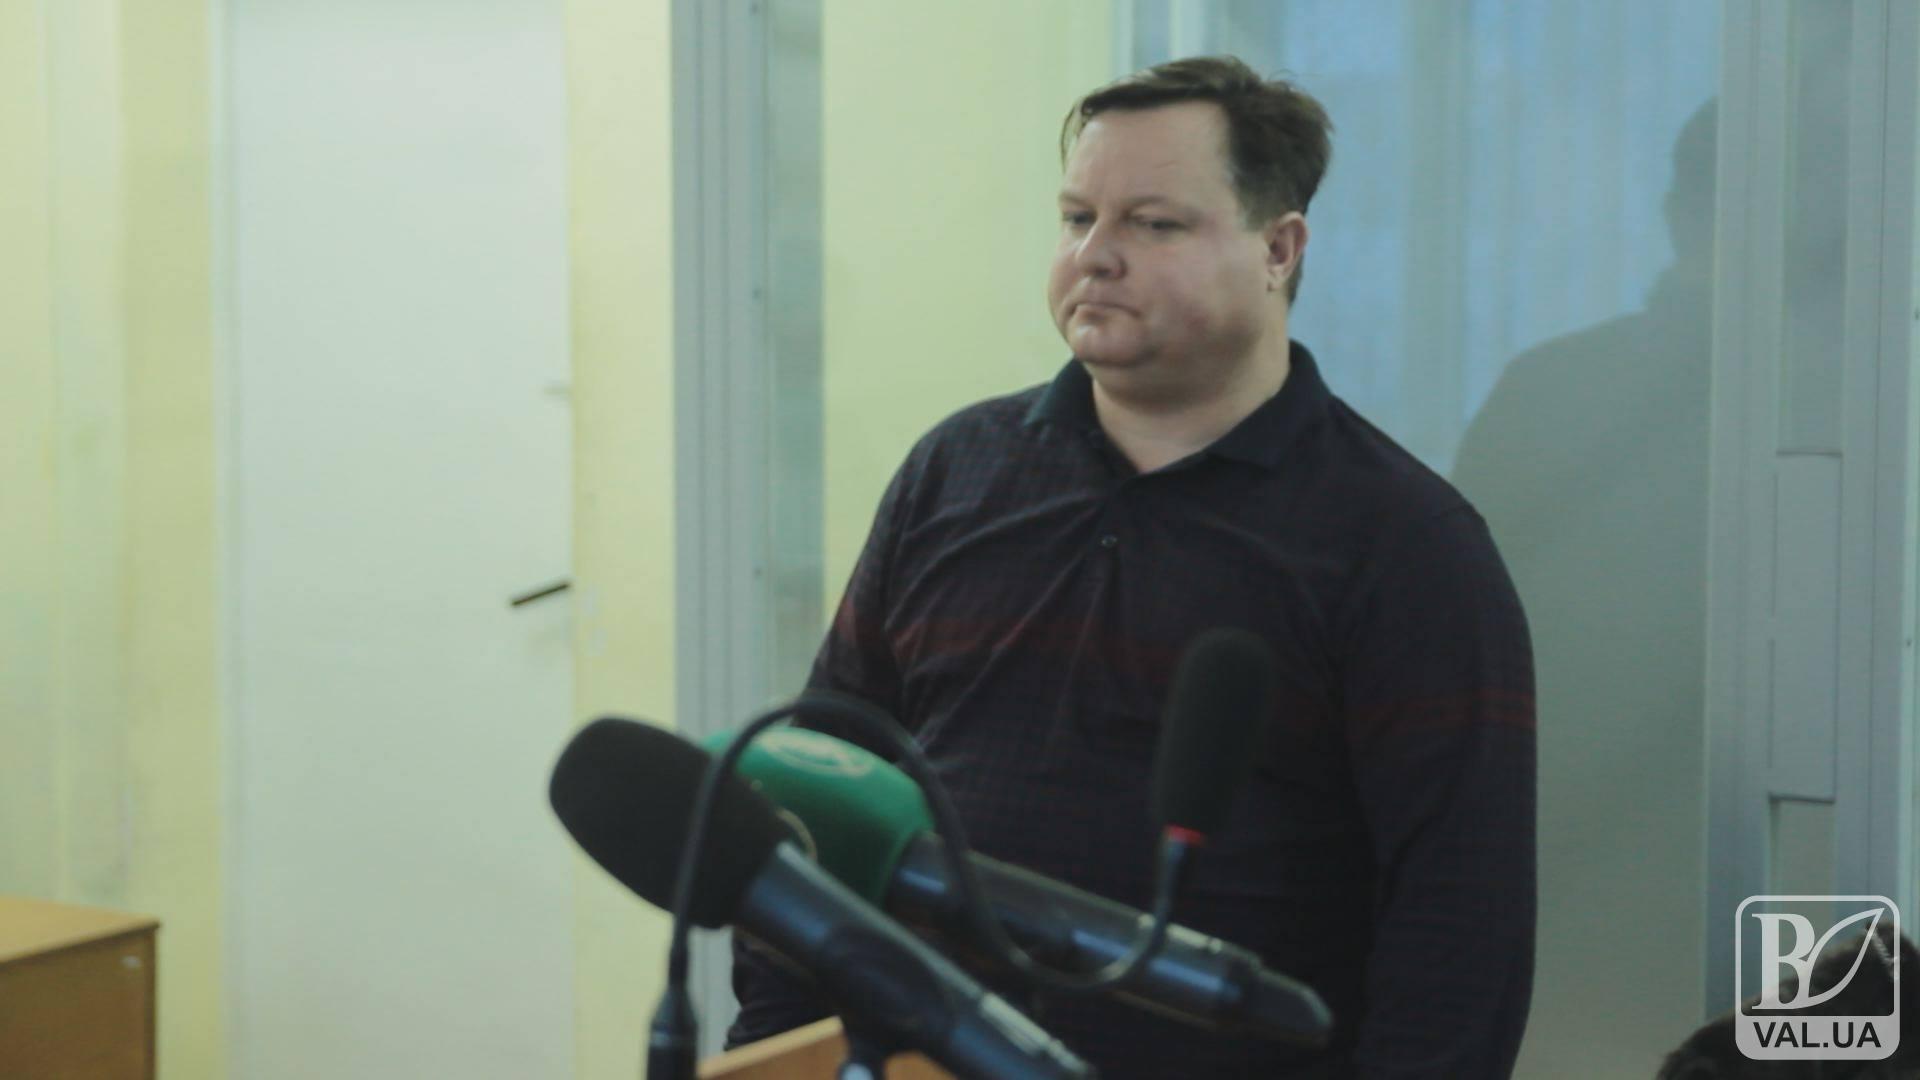 Не відчуваю себе винним: суд над колишнім начальником КП «Новозаводське» через обвал гуртожитку у Чернігові. ВІДЕО